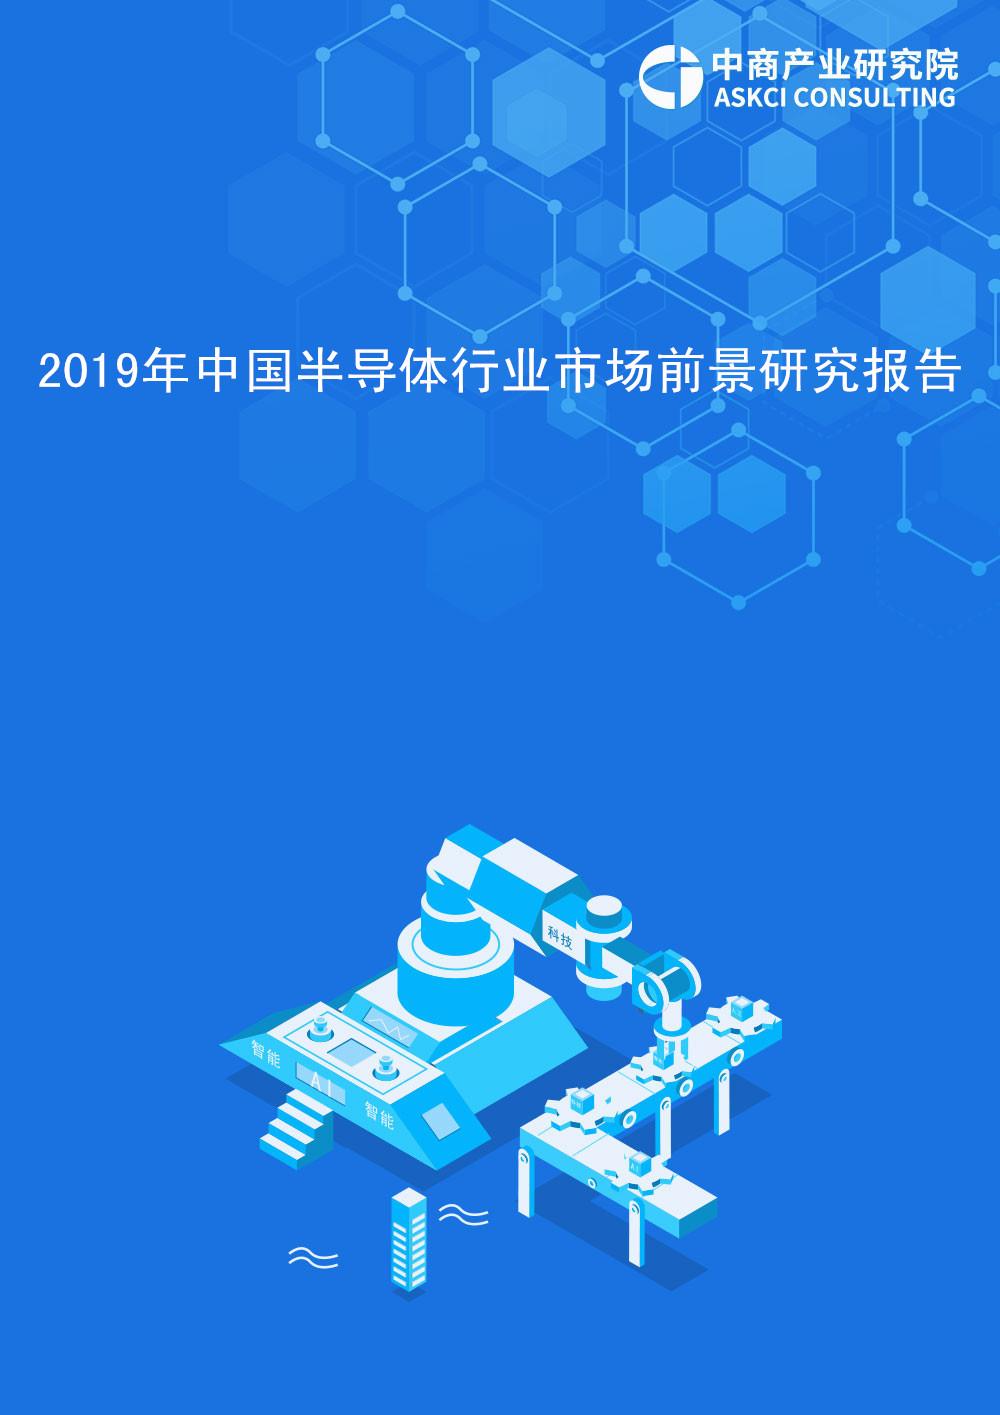 2019年中国半导体行业市场前景研究报告